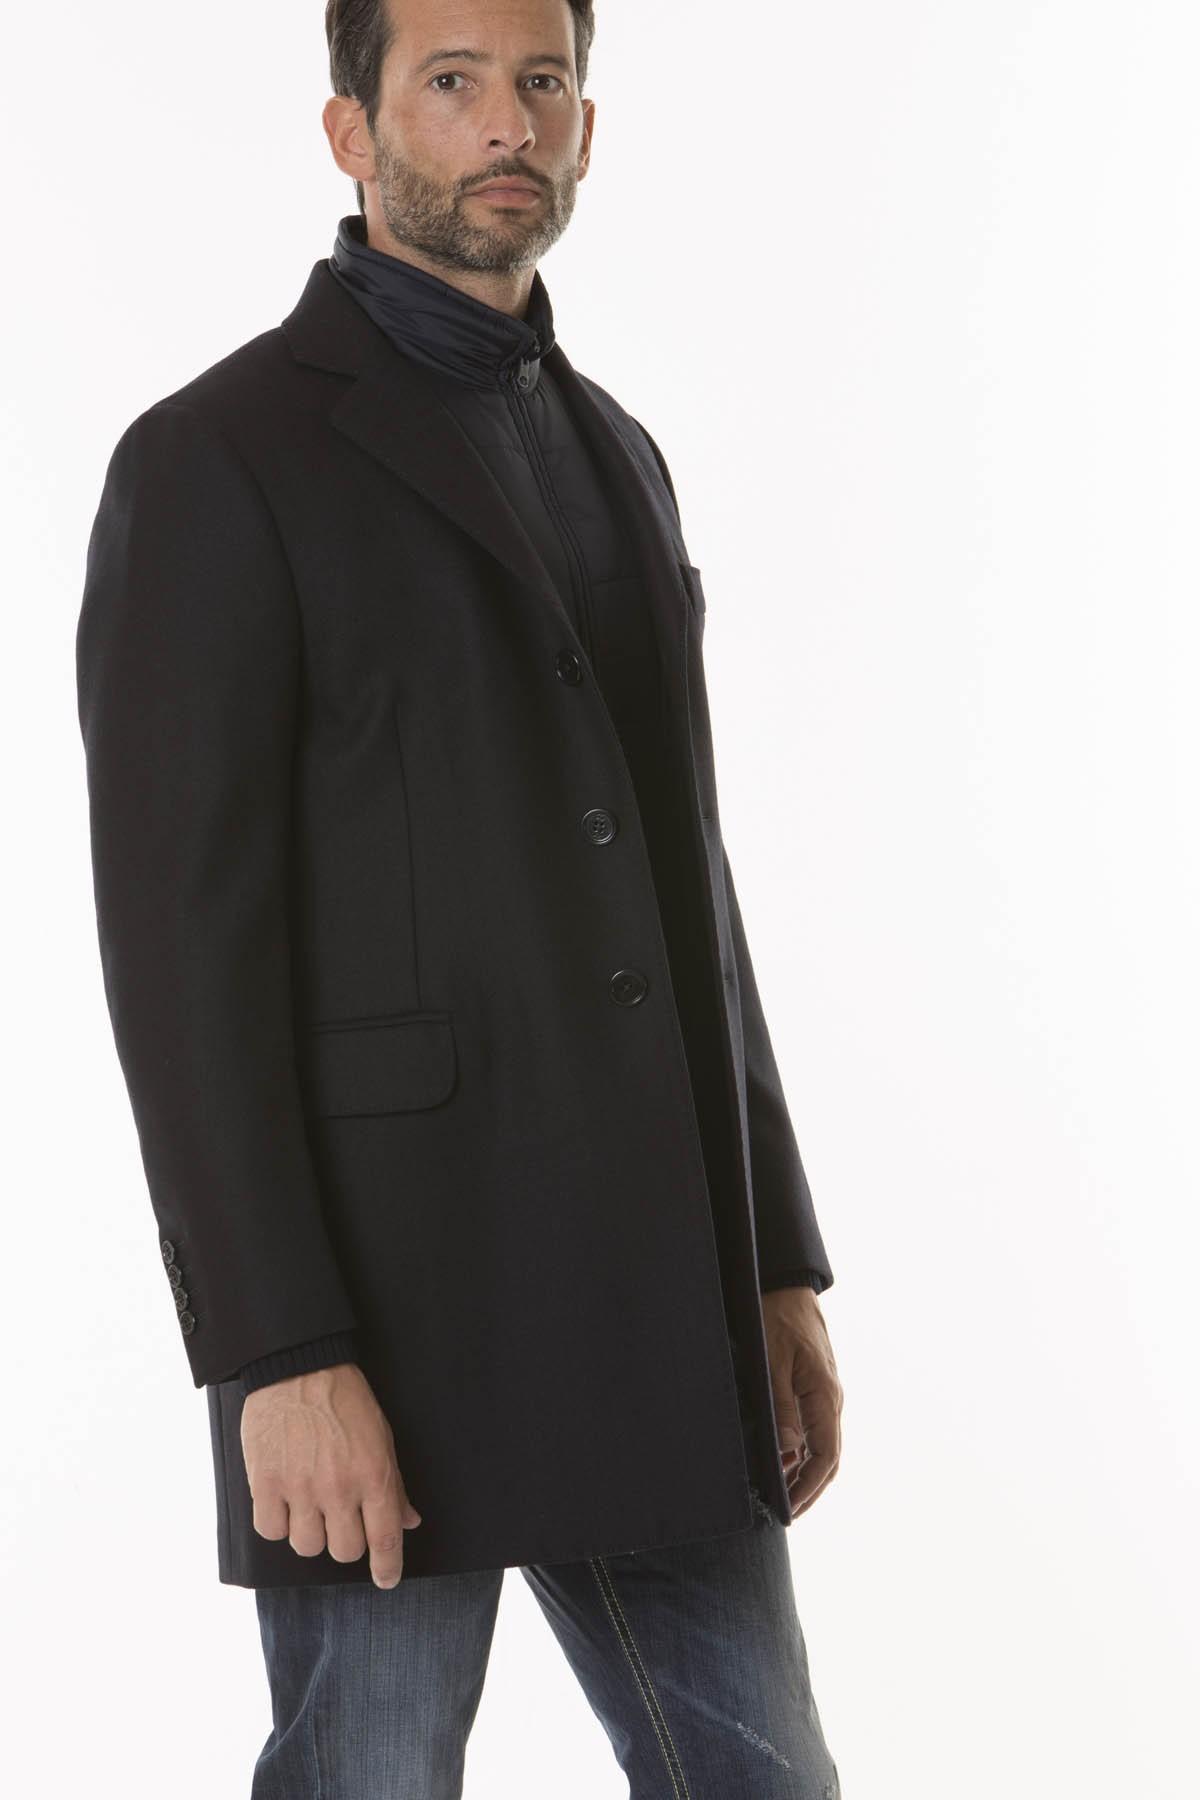 Cappotto DOUBLE COAT per uomo FAY A I 18-19 1083461c7eb